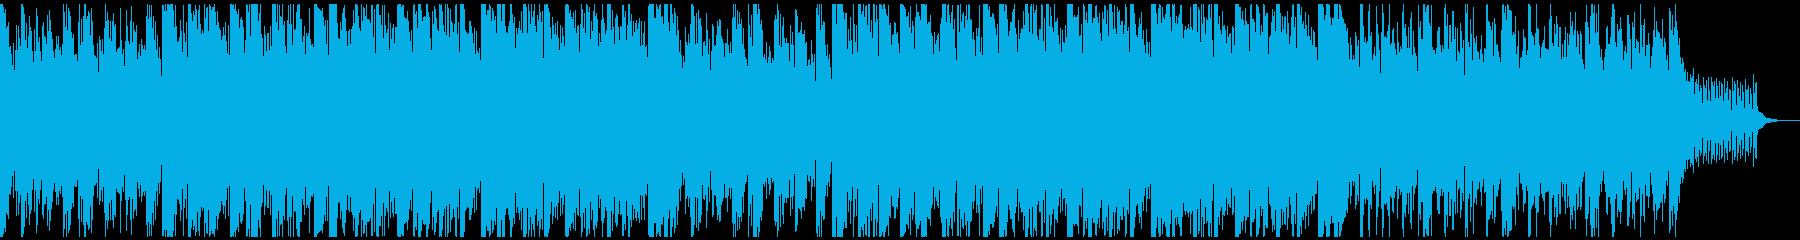 美しい優しいヴァイオリンのテクノポップの再生済みの波形